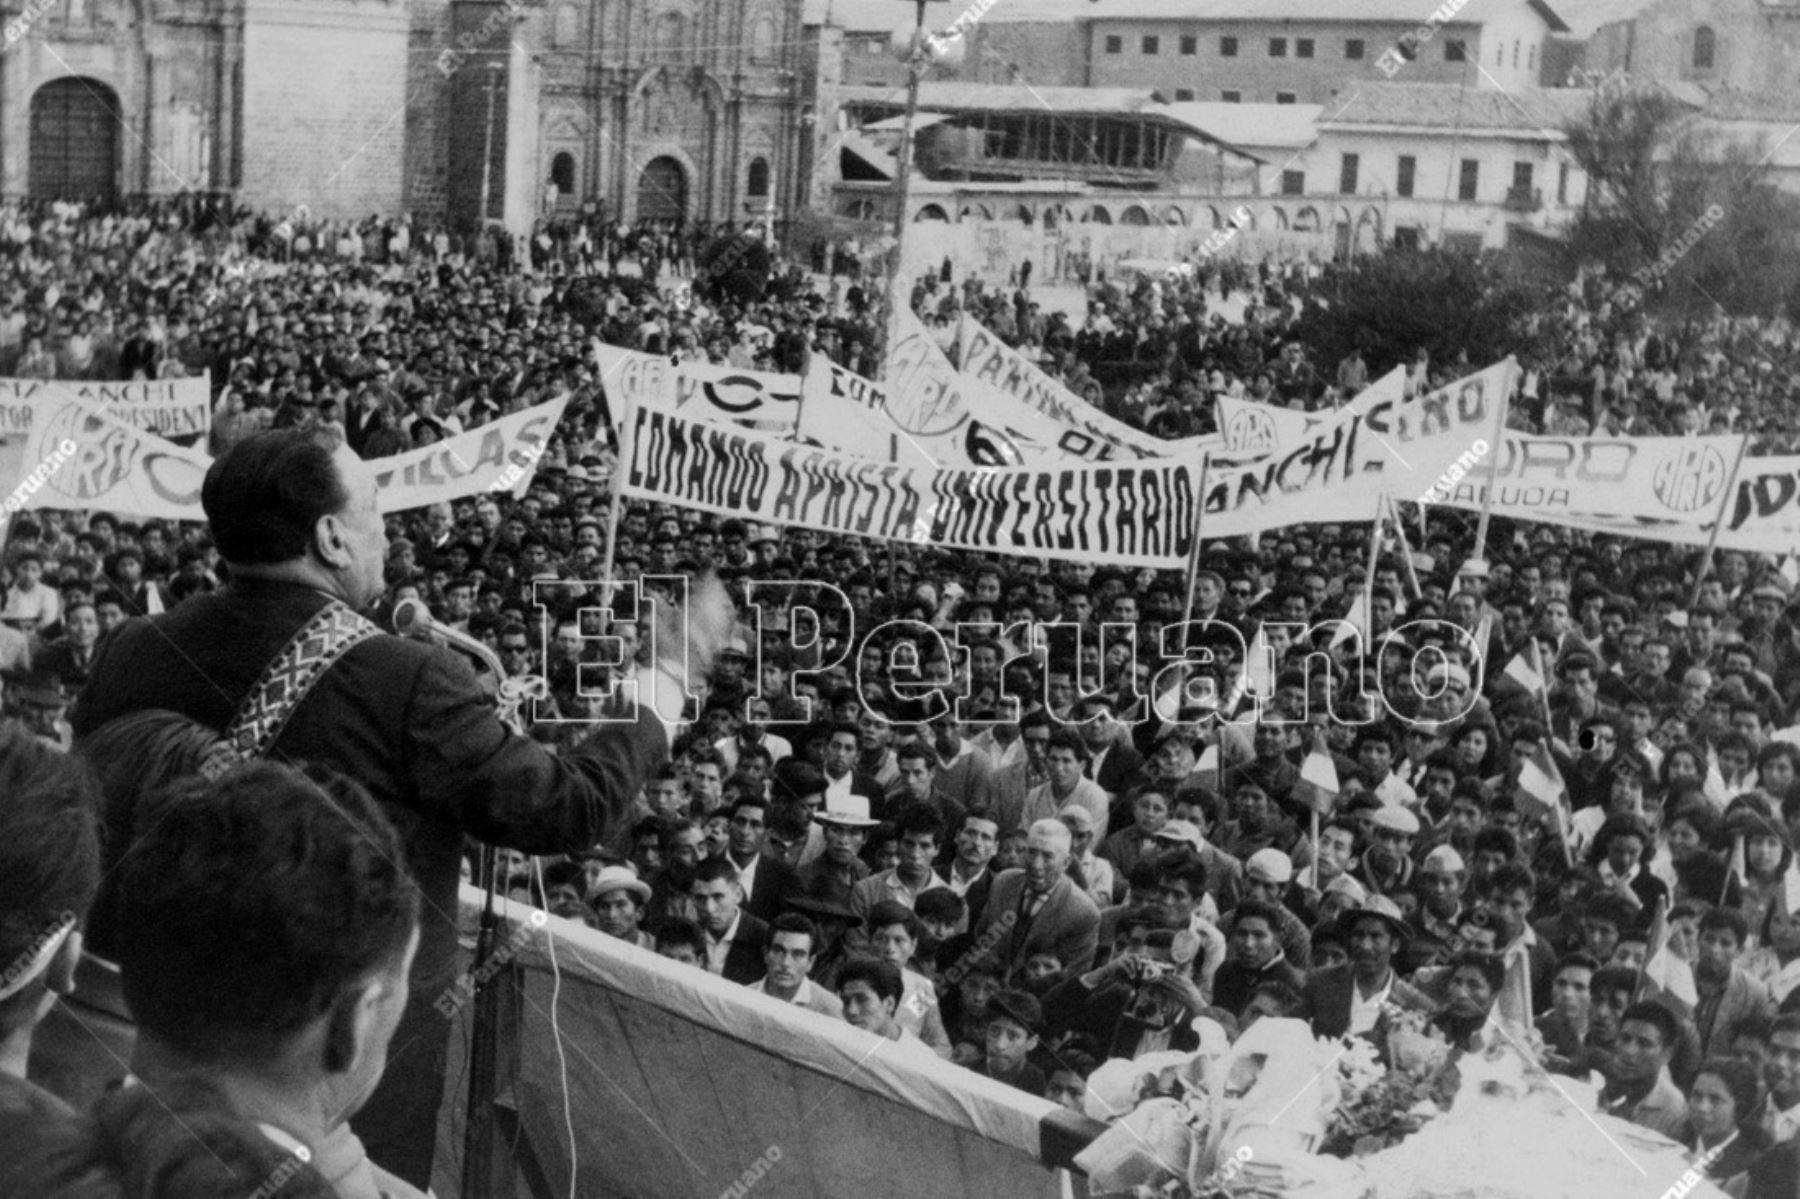 Cusco - 4 mayo 1963 / Víctor Raúl Haya de la Torre, candidato presidencial del APRA, en multitudinario mitin en la Plaza de Armas de la ciudad del Cusco. Foto: Archivo Histórico de El Peruano